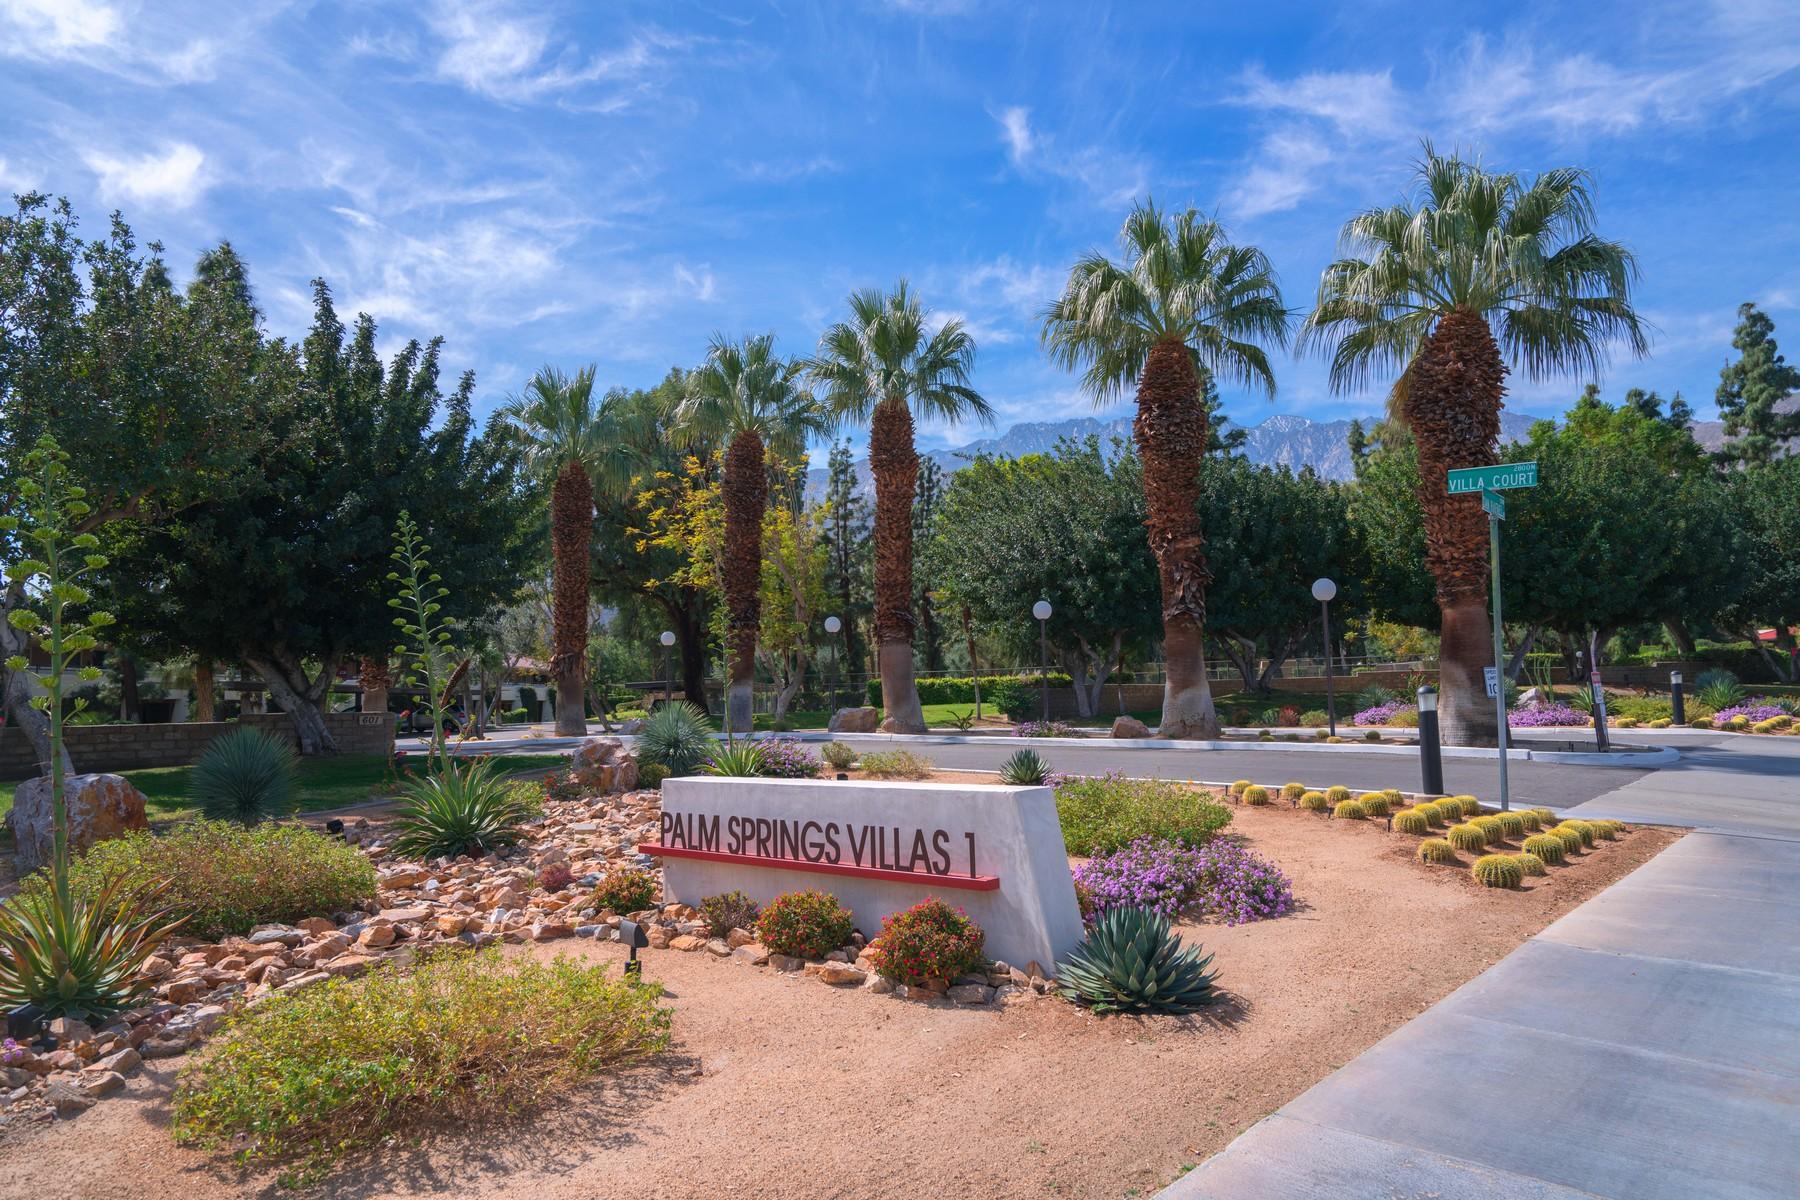 Propiedad en venta Palm Springs